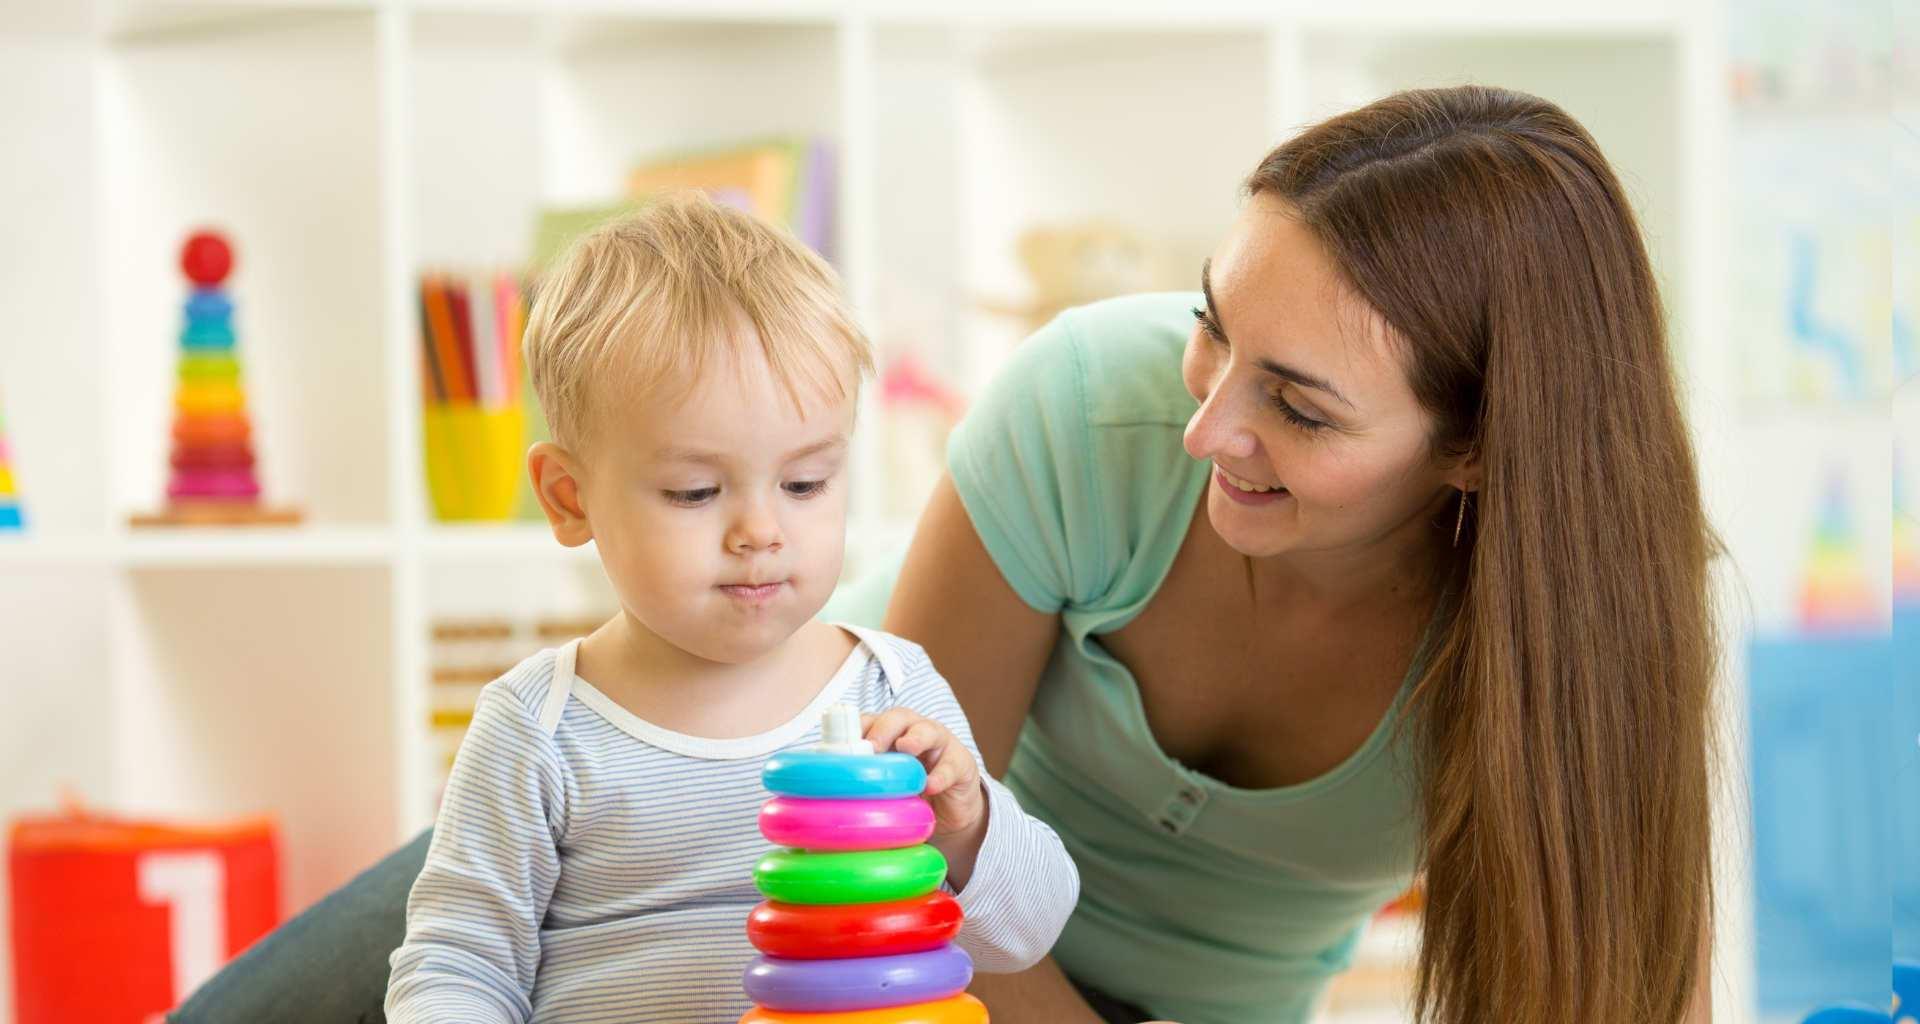 Potrebujete varstvo otrok? Pomagali vam bomo najti pravega varovalca / varuško za vas